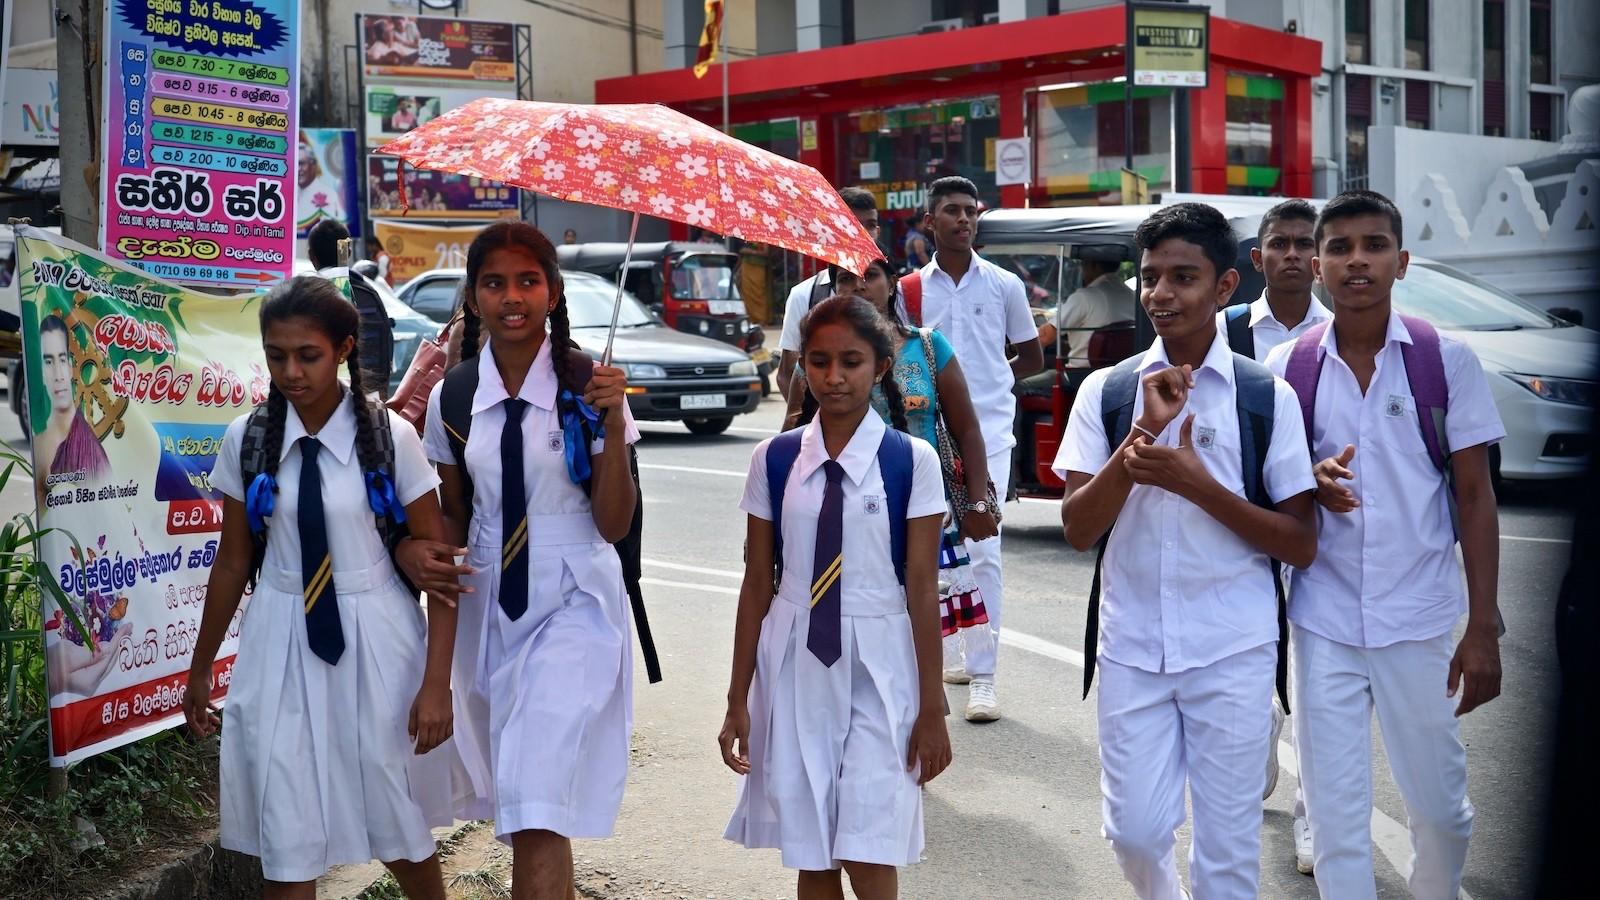 Schüler in Schuluniform in Sabaragamuwa, Sri Lanka